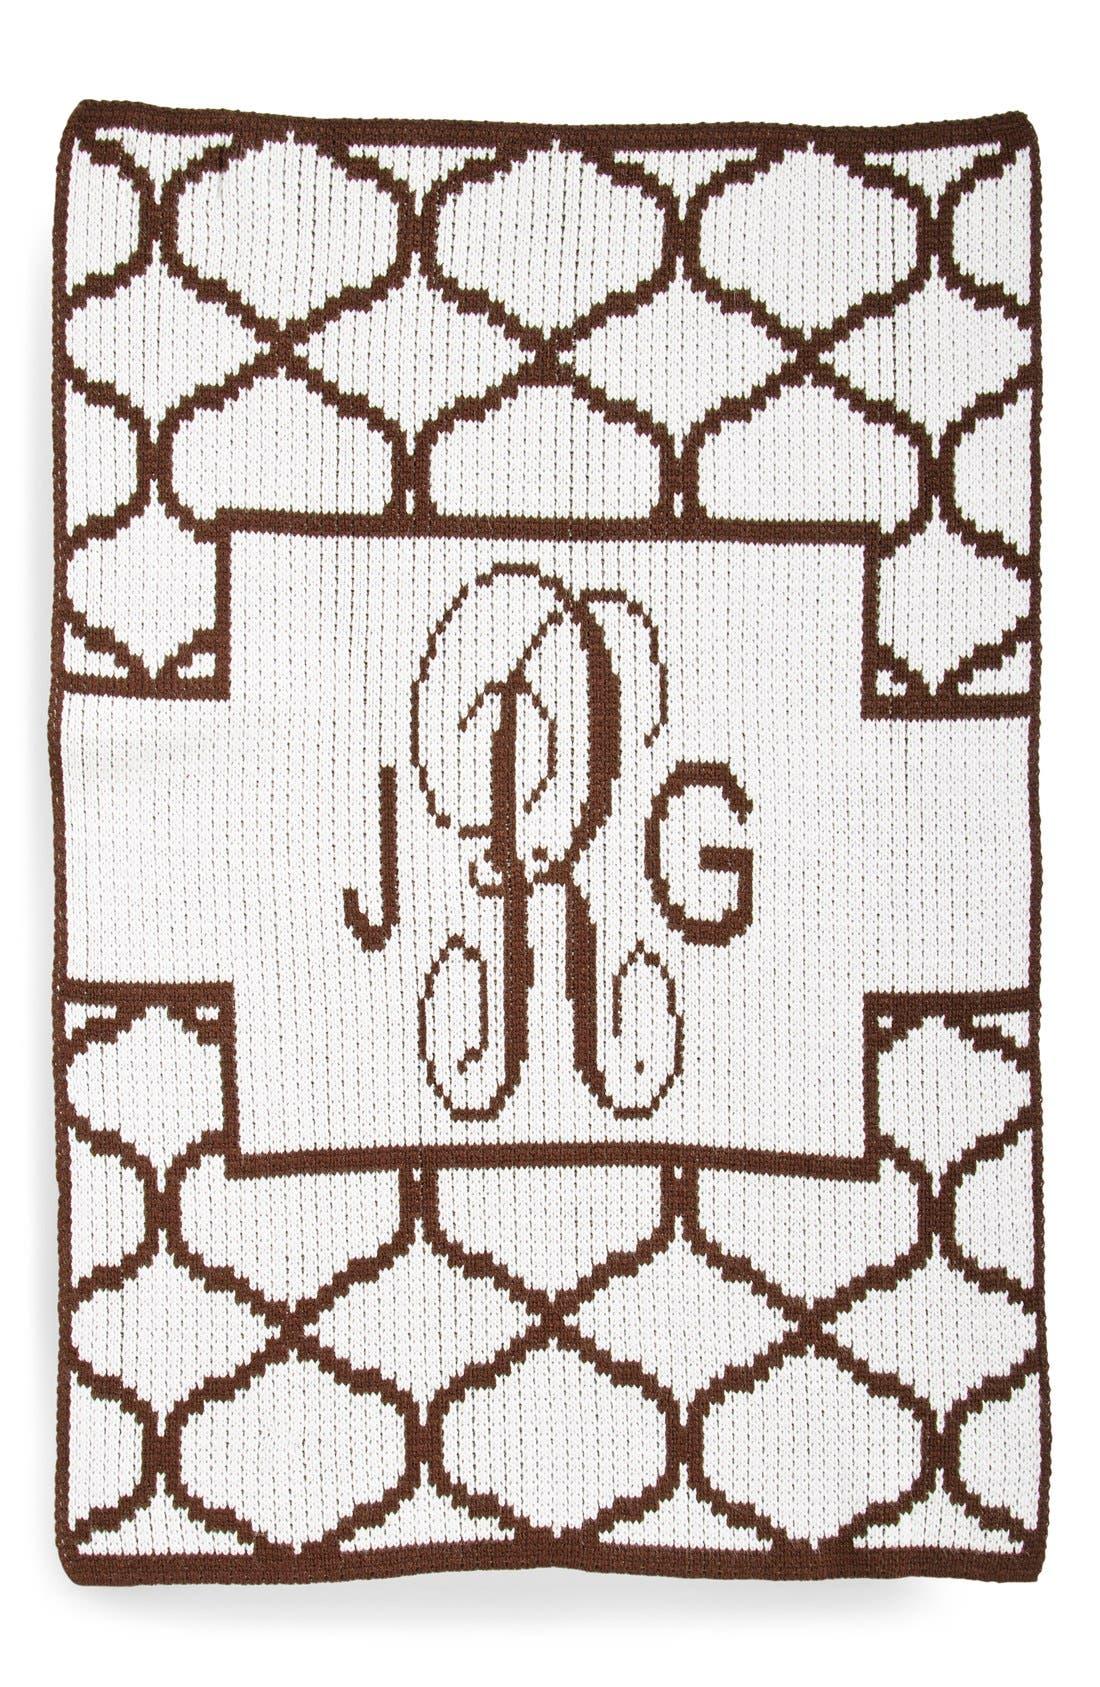 Butterscotch BlankeesLattice Personalized Blanket